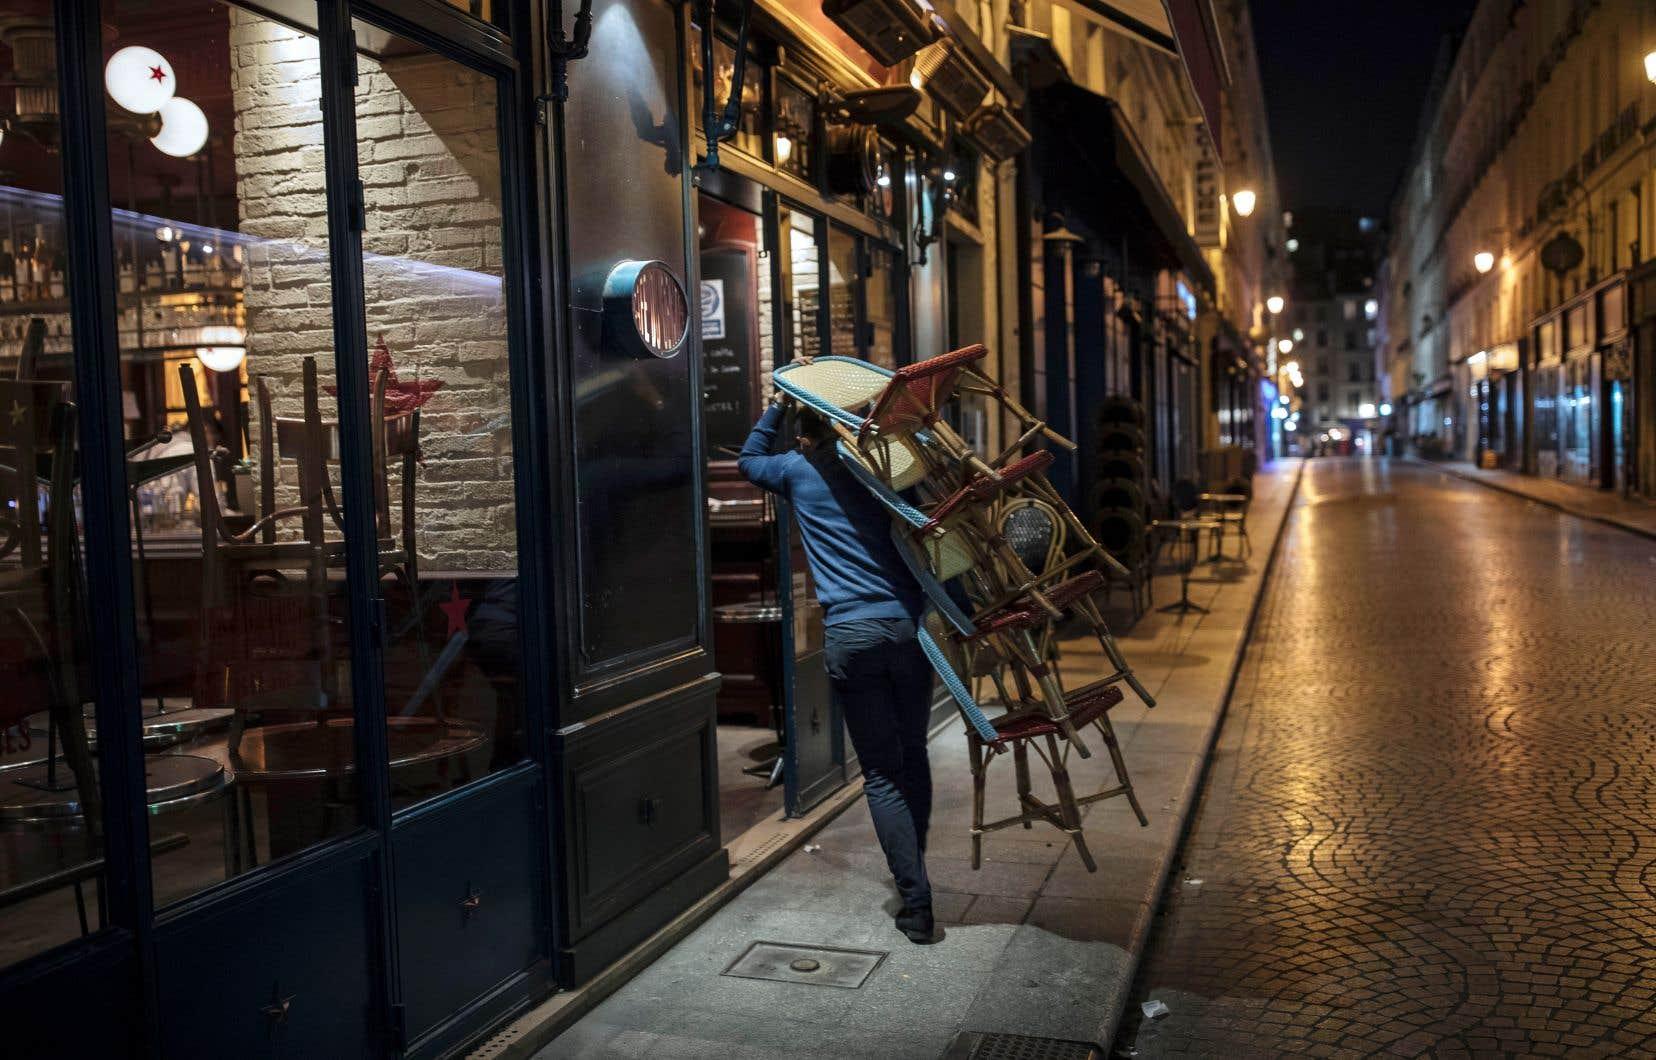 Les restrictions se multiplient en Europe, où les bars et les restaurants ferment leurs portes et se braquent face à la deuxième vague de COVID-19.